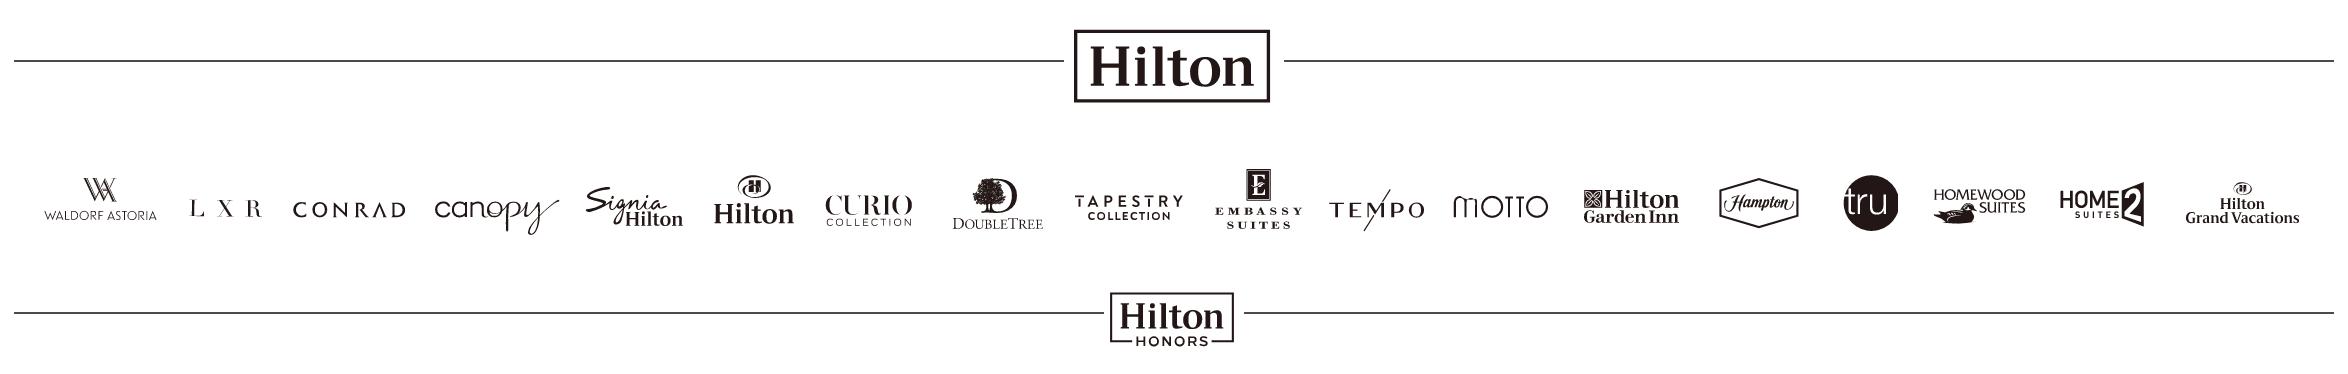 ヒルトンの会員プログラム Hilton Honors|ヒルトン オナーズ